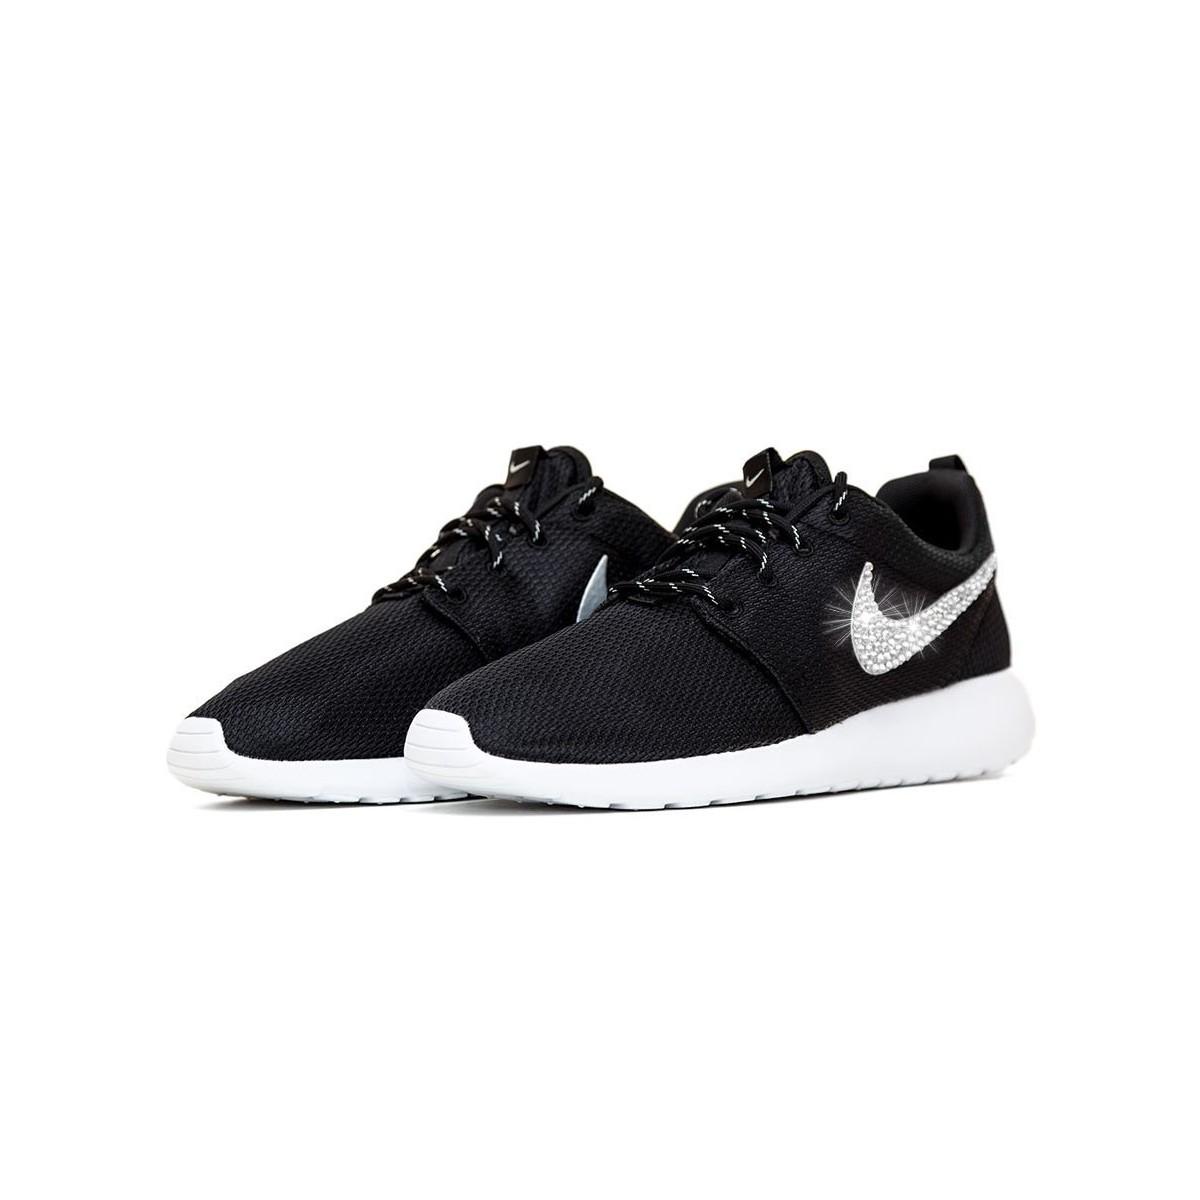 sports shoes f2cf6 0b464 ... NIKE ROSHE ONE personalizzate con strass Preciosa